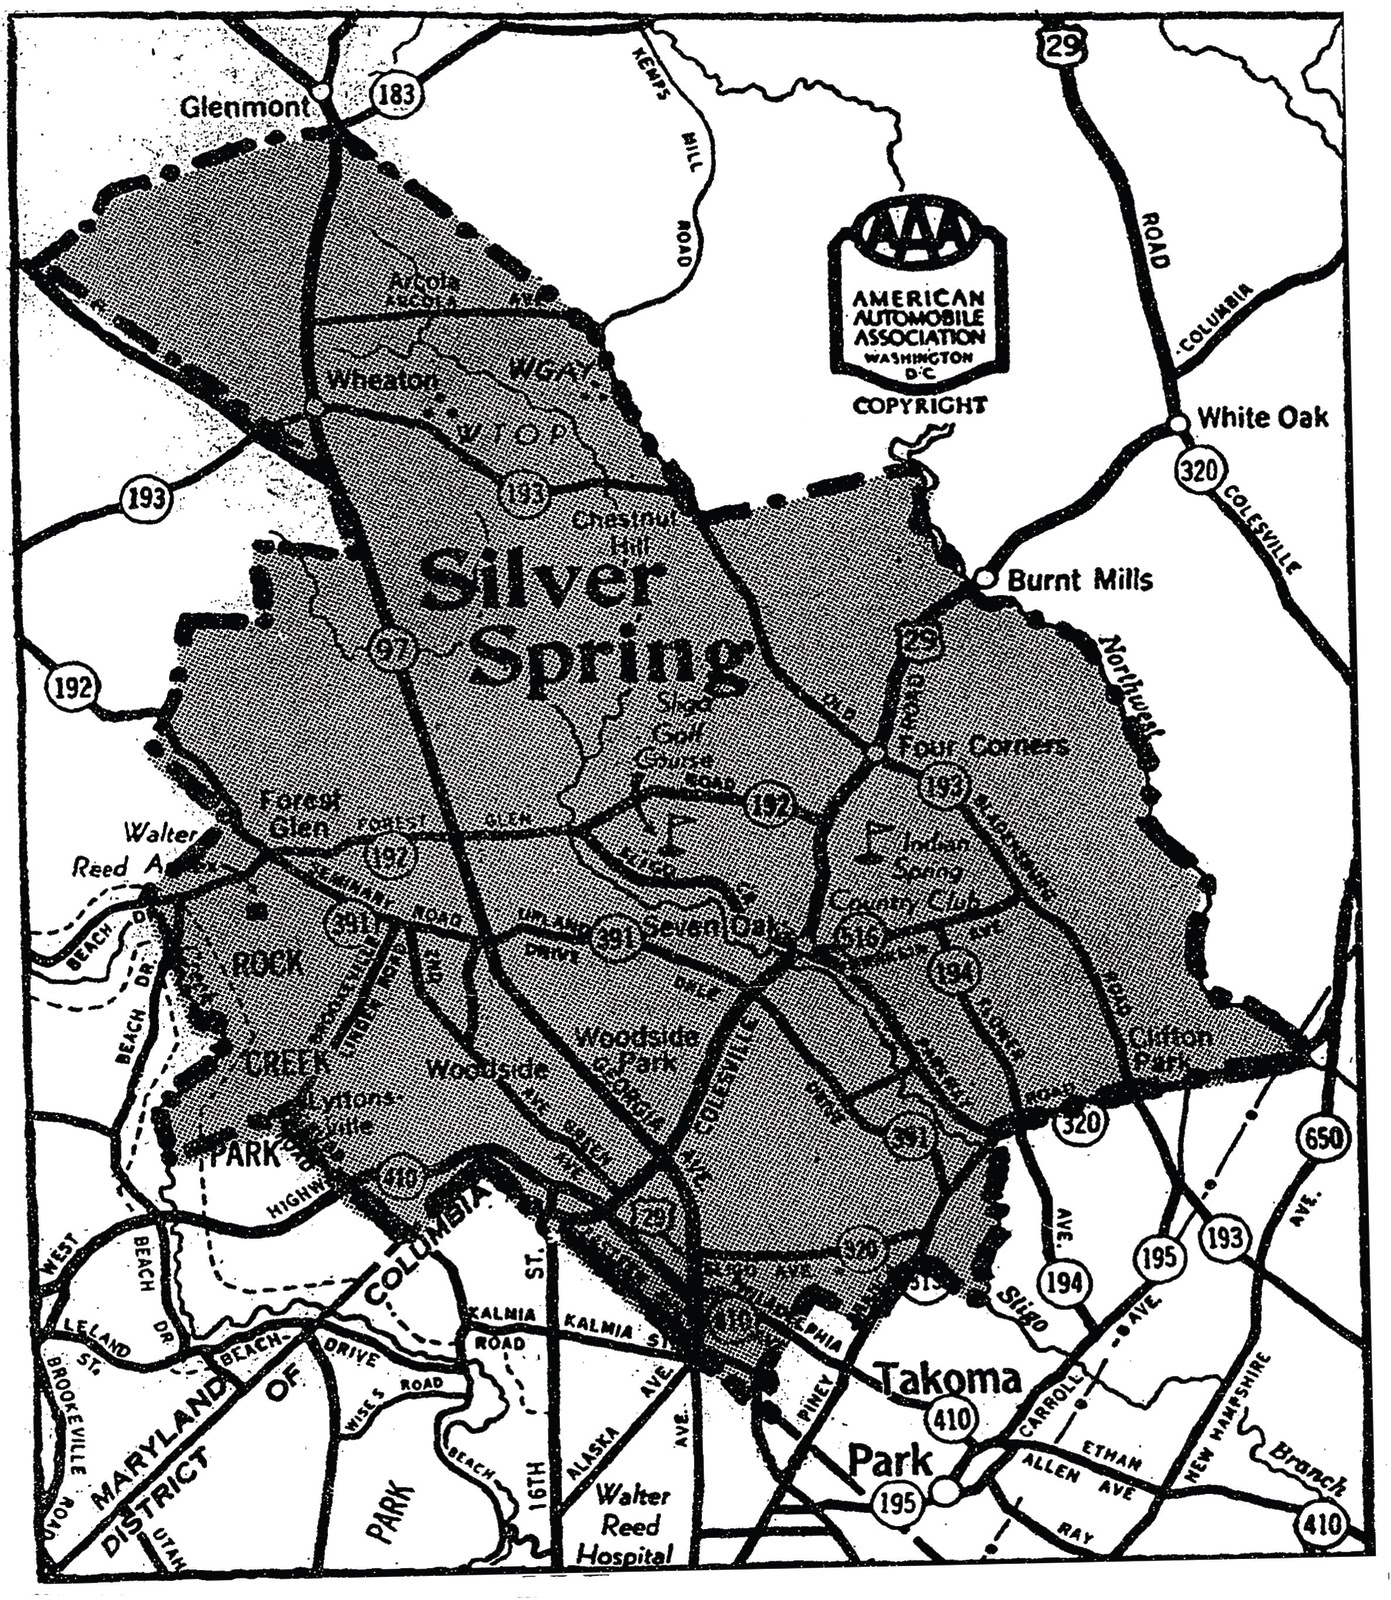 Silver Spring Md Zip Code Map Zip Code Map